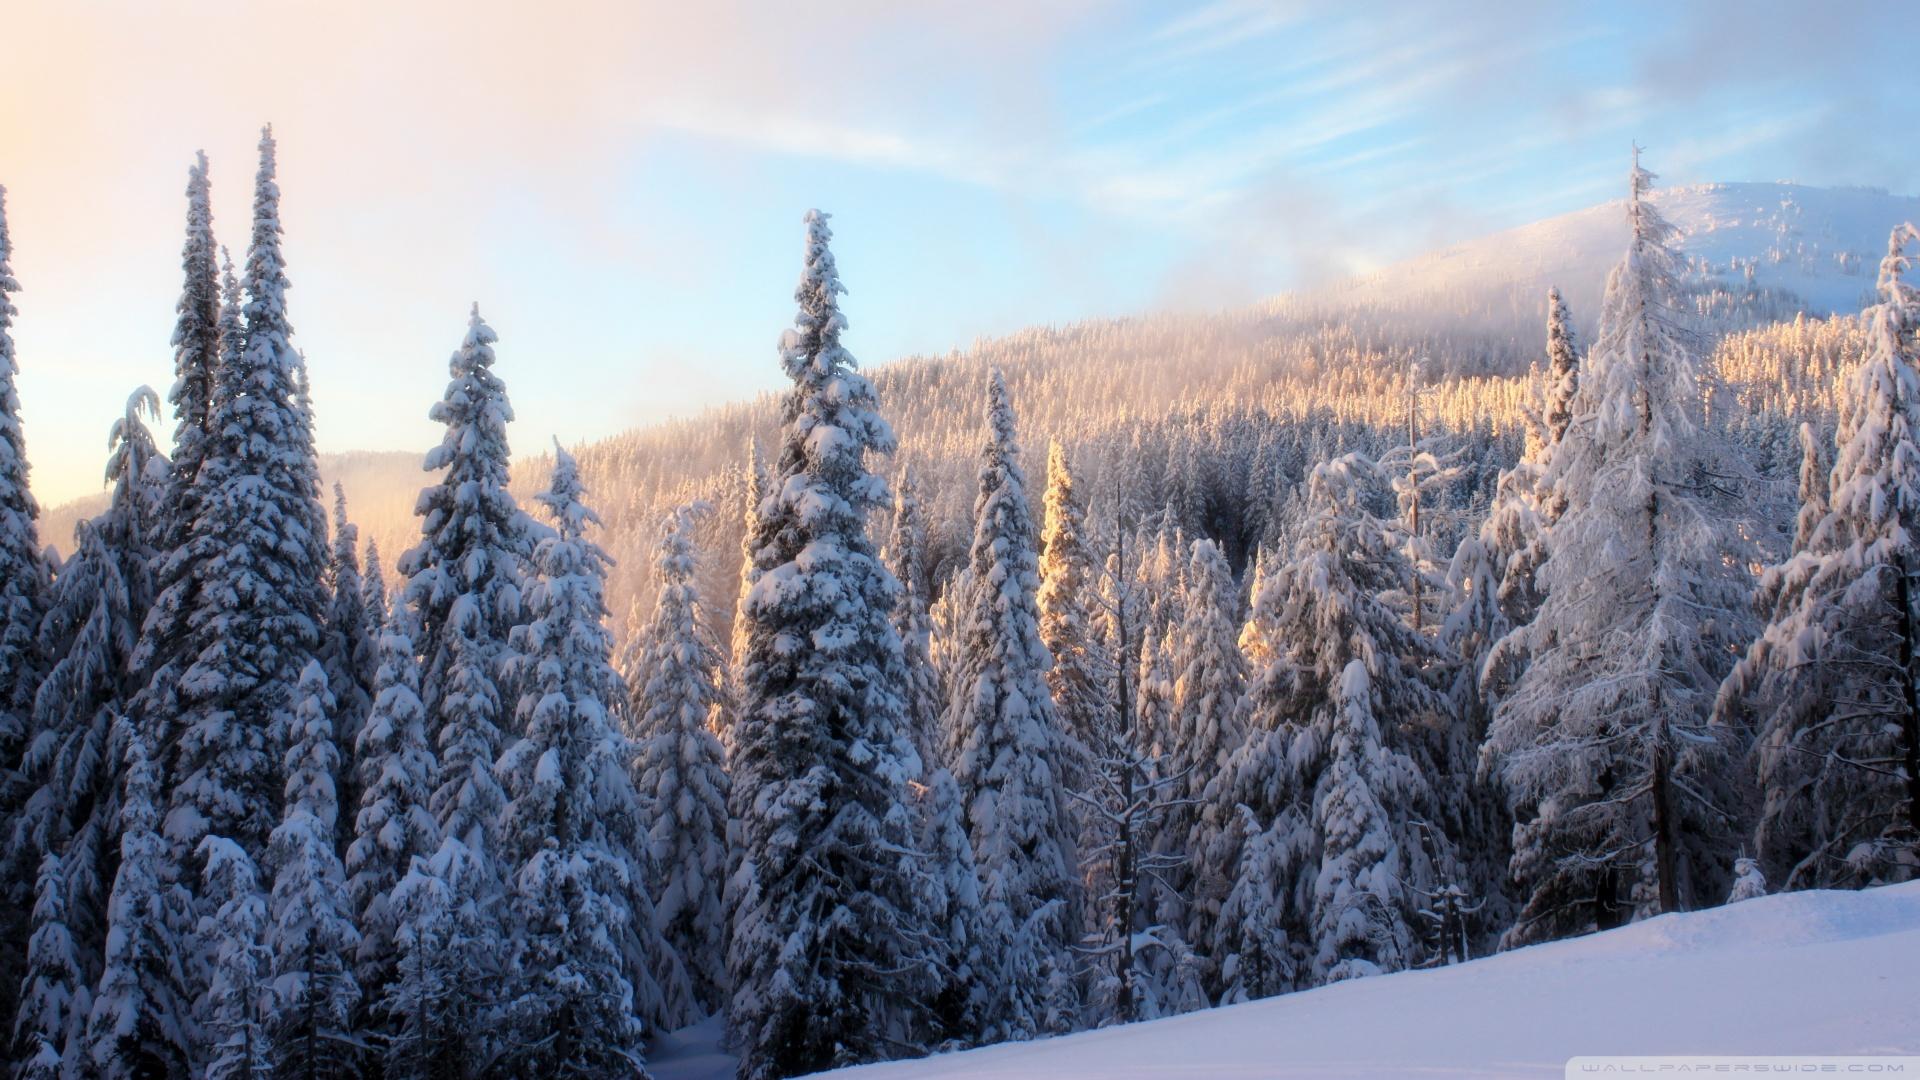 Snowy fir branch wallpaper Wallpaper Wide HD 1920x1080